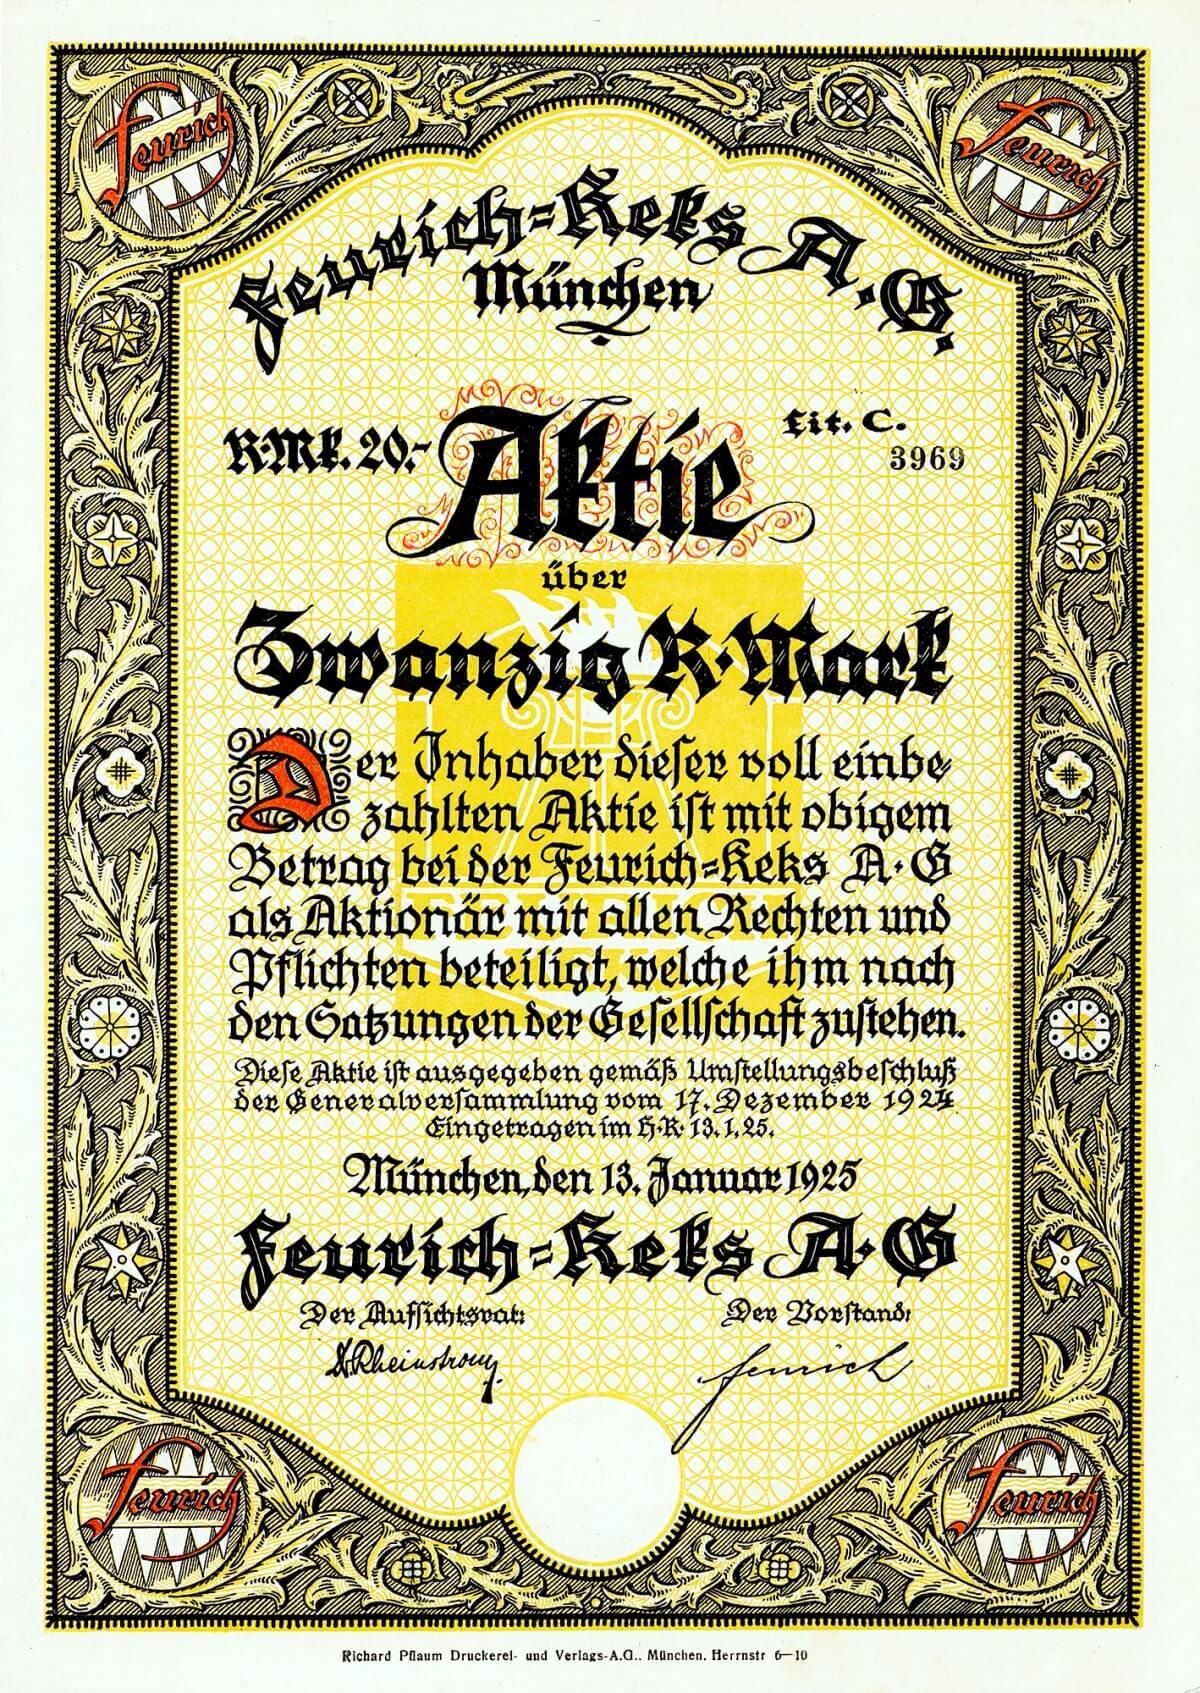 Feurich-Keks AG, München, Aktie über 20 RM von 1925. Gegründet 1880 durch den österreichischen Bäcker und Konditoreimeister Hugo Feurich, der sich in Solln bei München niederließ. Der Betrieb entwickelte sich prächtig, und die Firma siedelte nach Schwabing um, am 28.4.1923 umgewandelt in eine AG. 1960 übernahm die Firma Melitta, Minden das Werk, 1963 weiter verkauft an die Backwarenfirma Bahlsen.